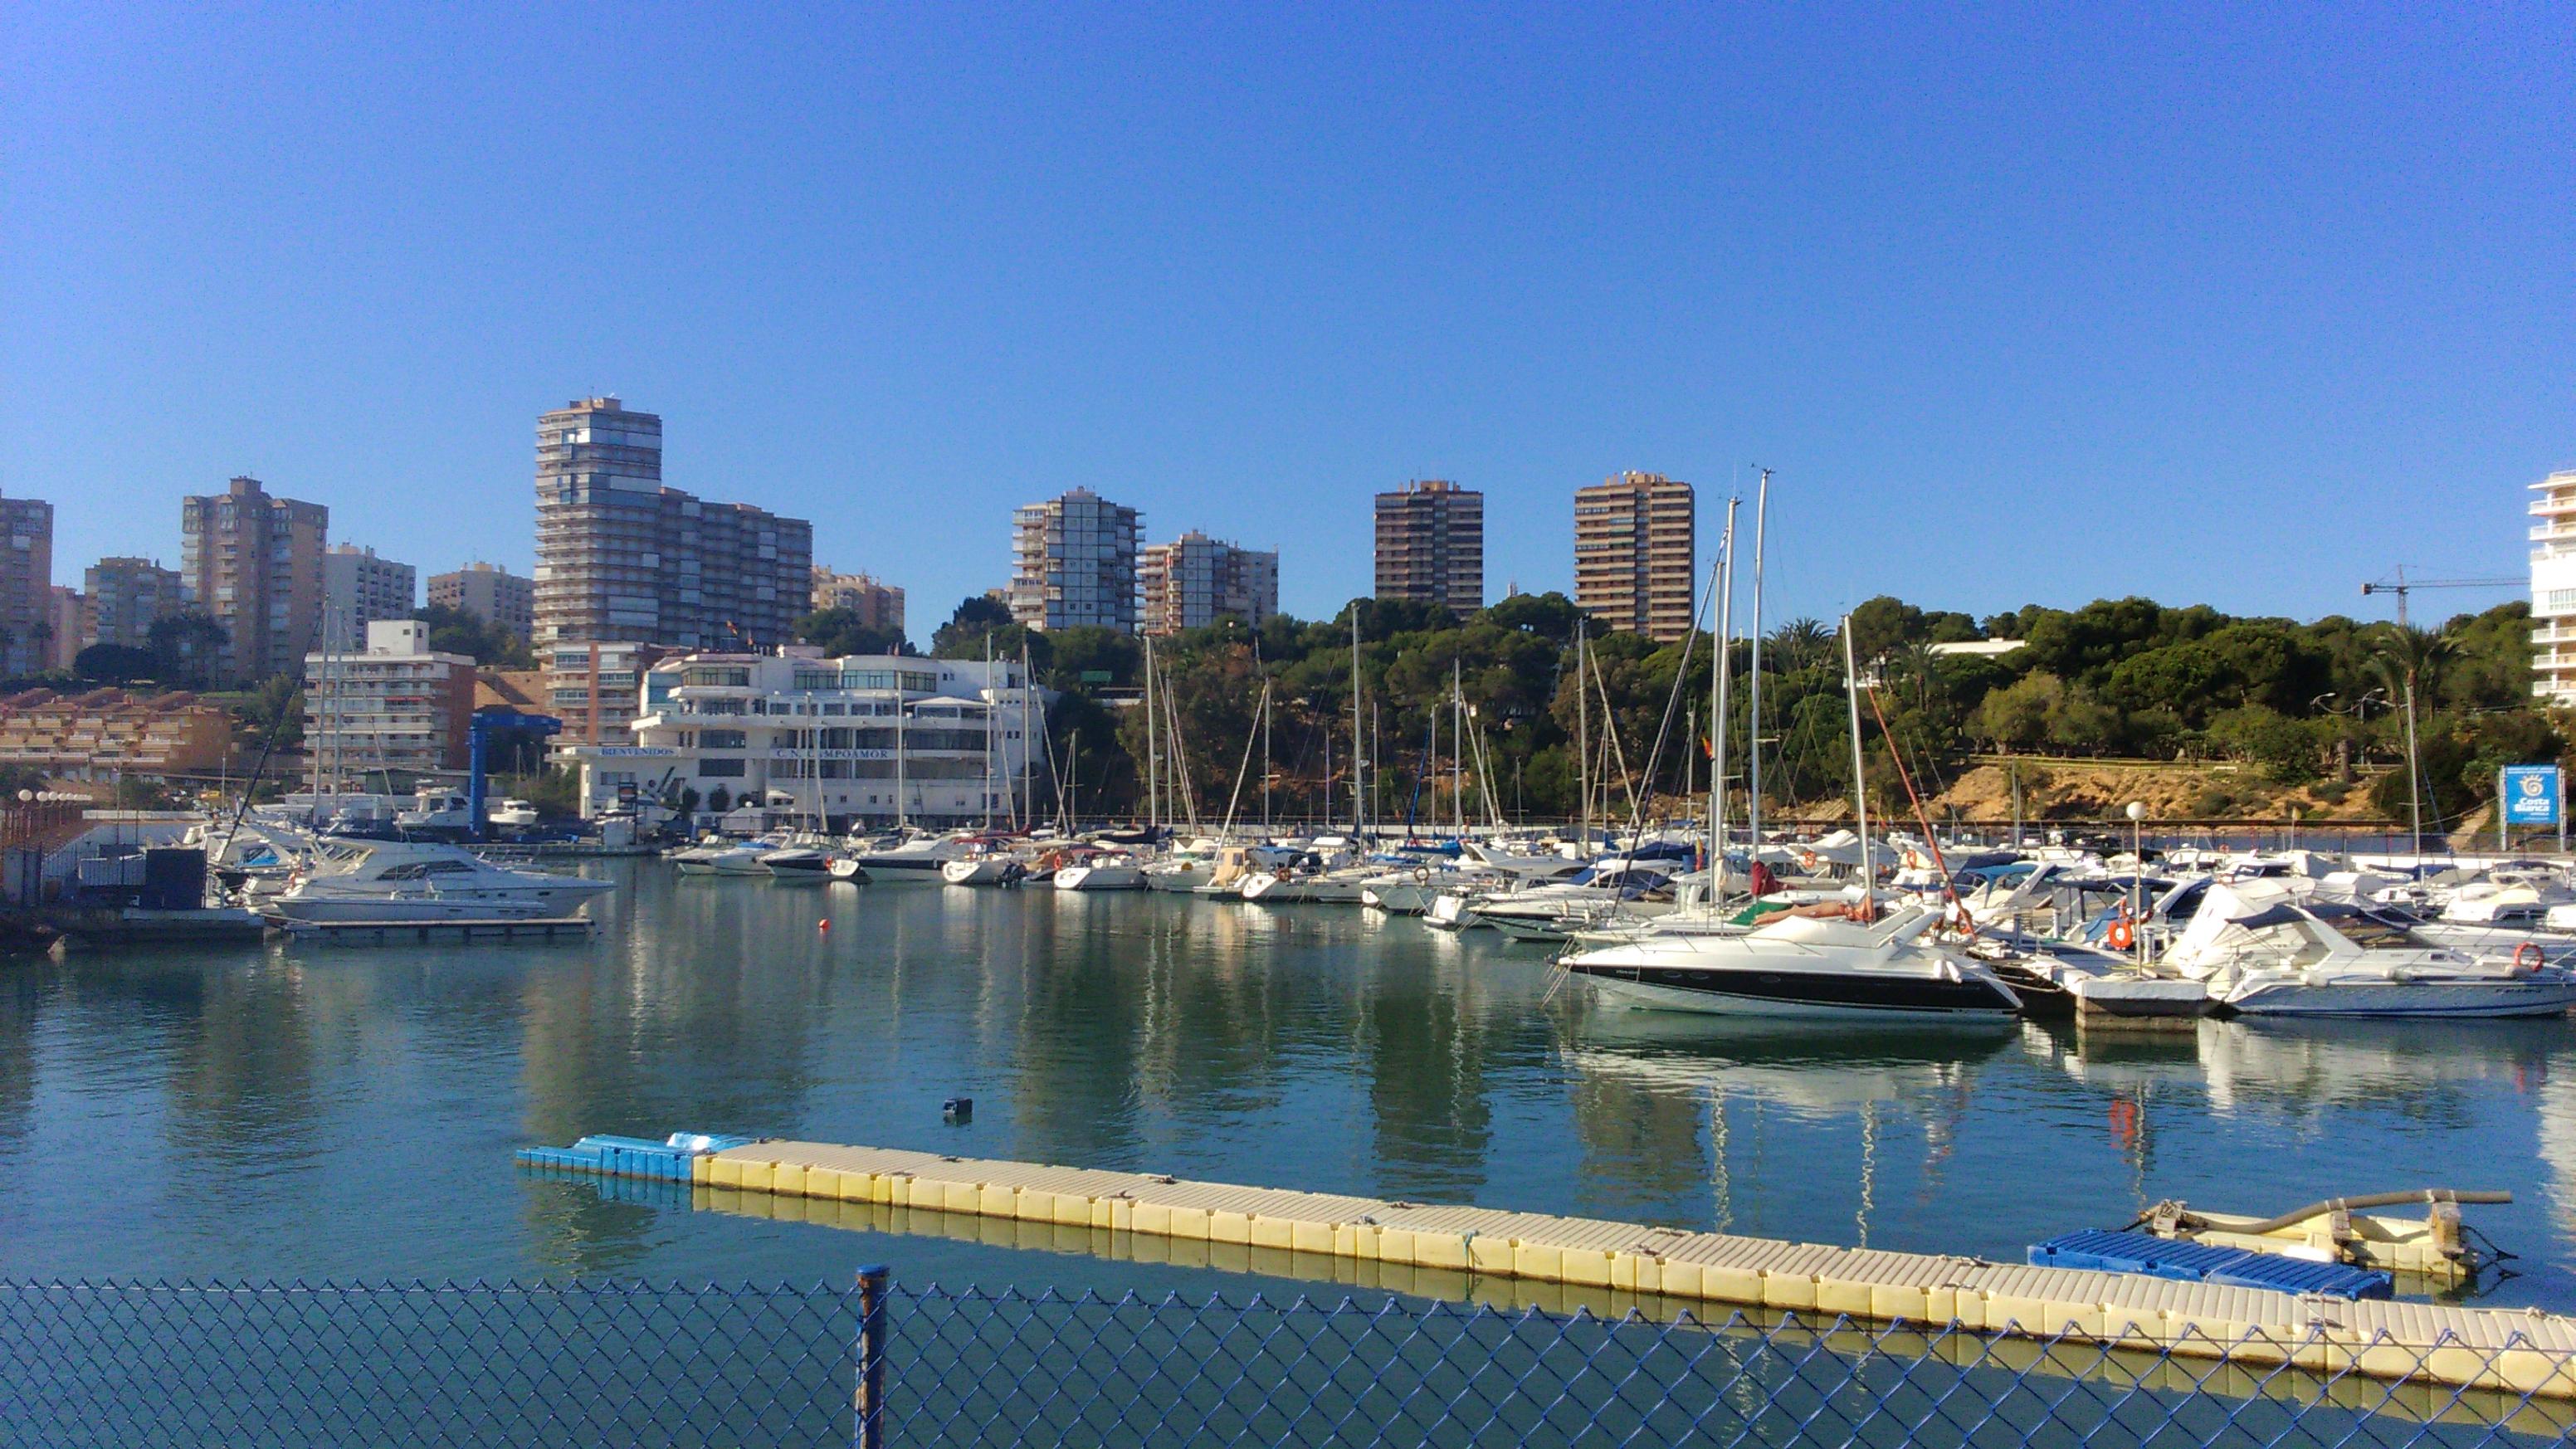 La dehesa de campoamor caboroigblog - Cines puerto deportivo getxo ...